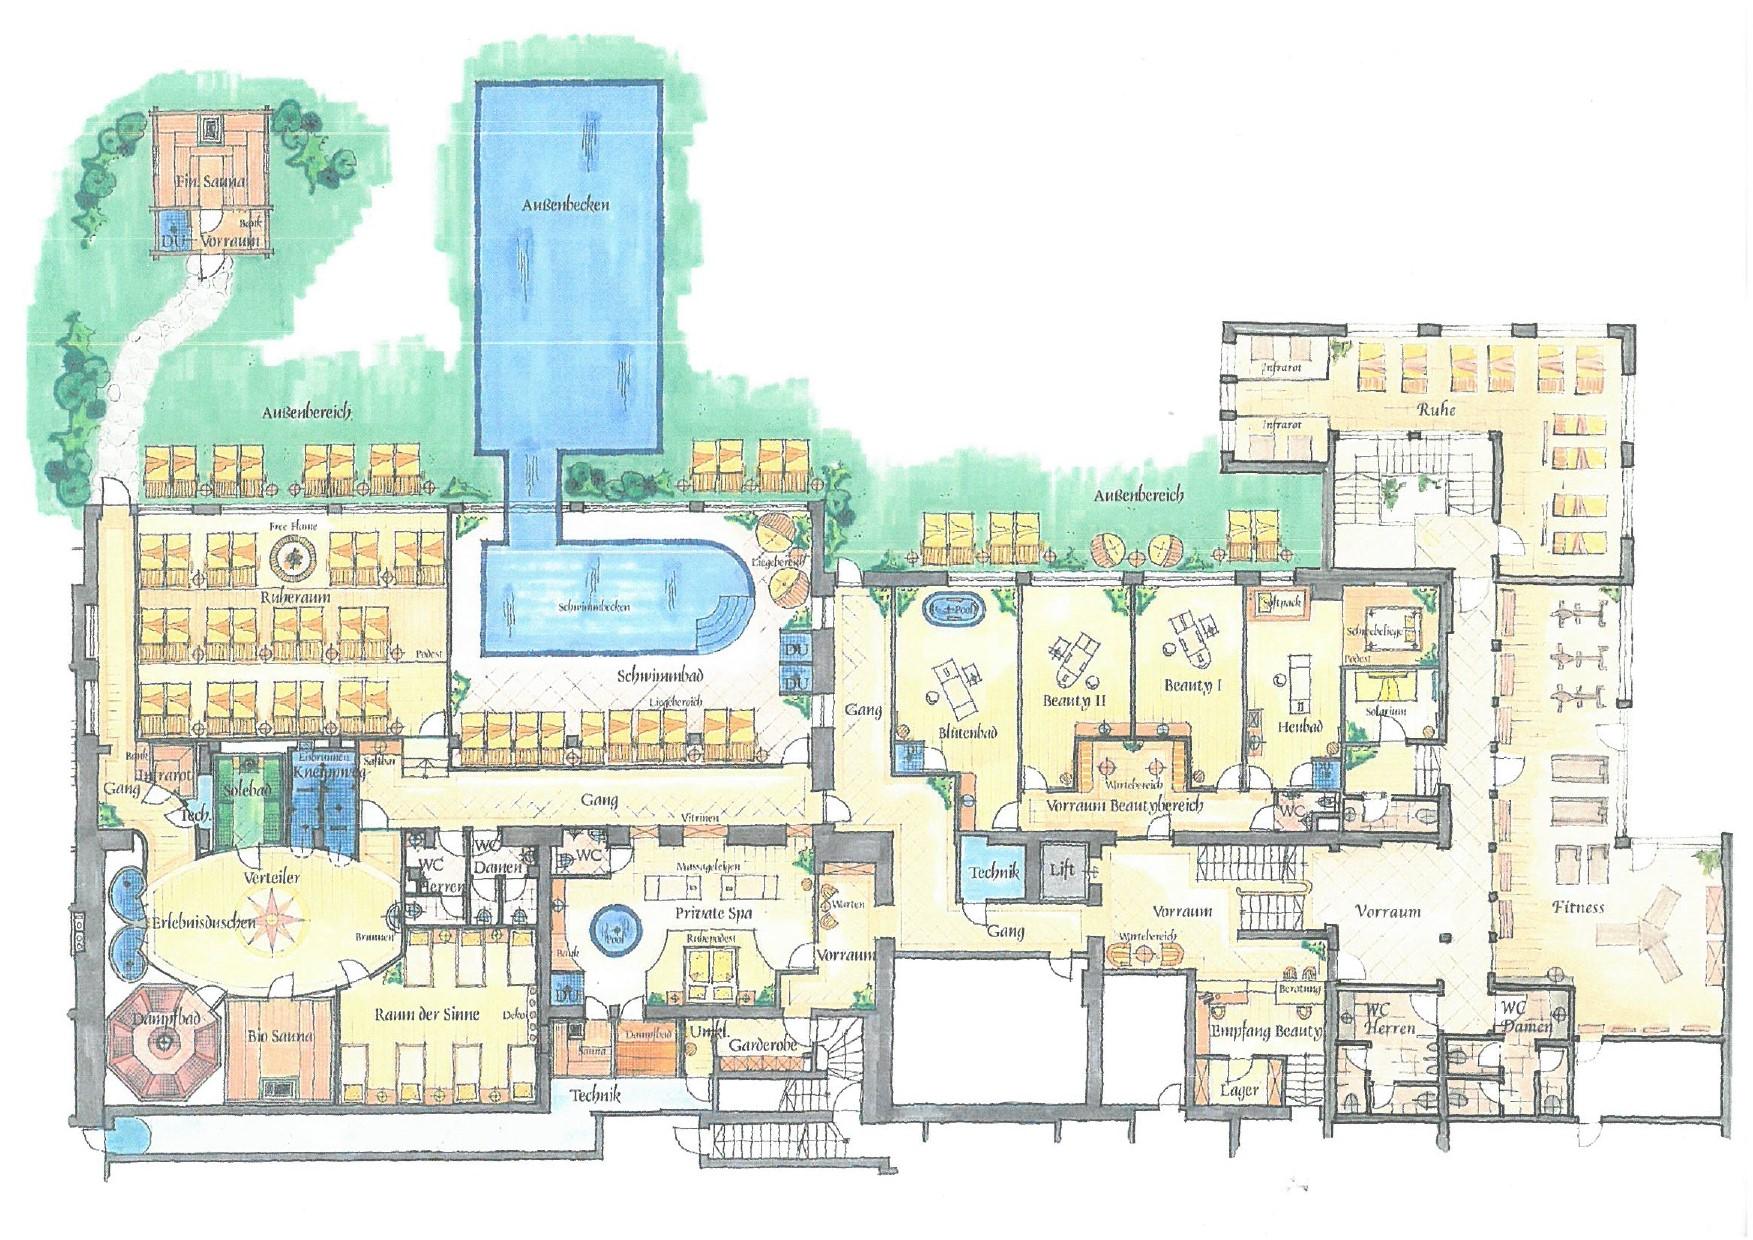 Der Wellnessbereich im Wellnesshotel Tirol_1_page-0001